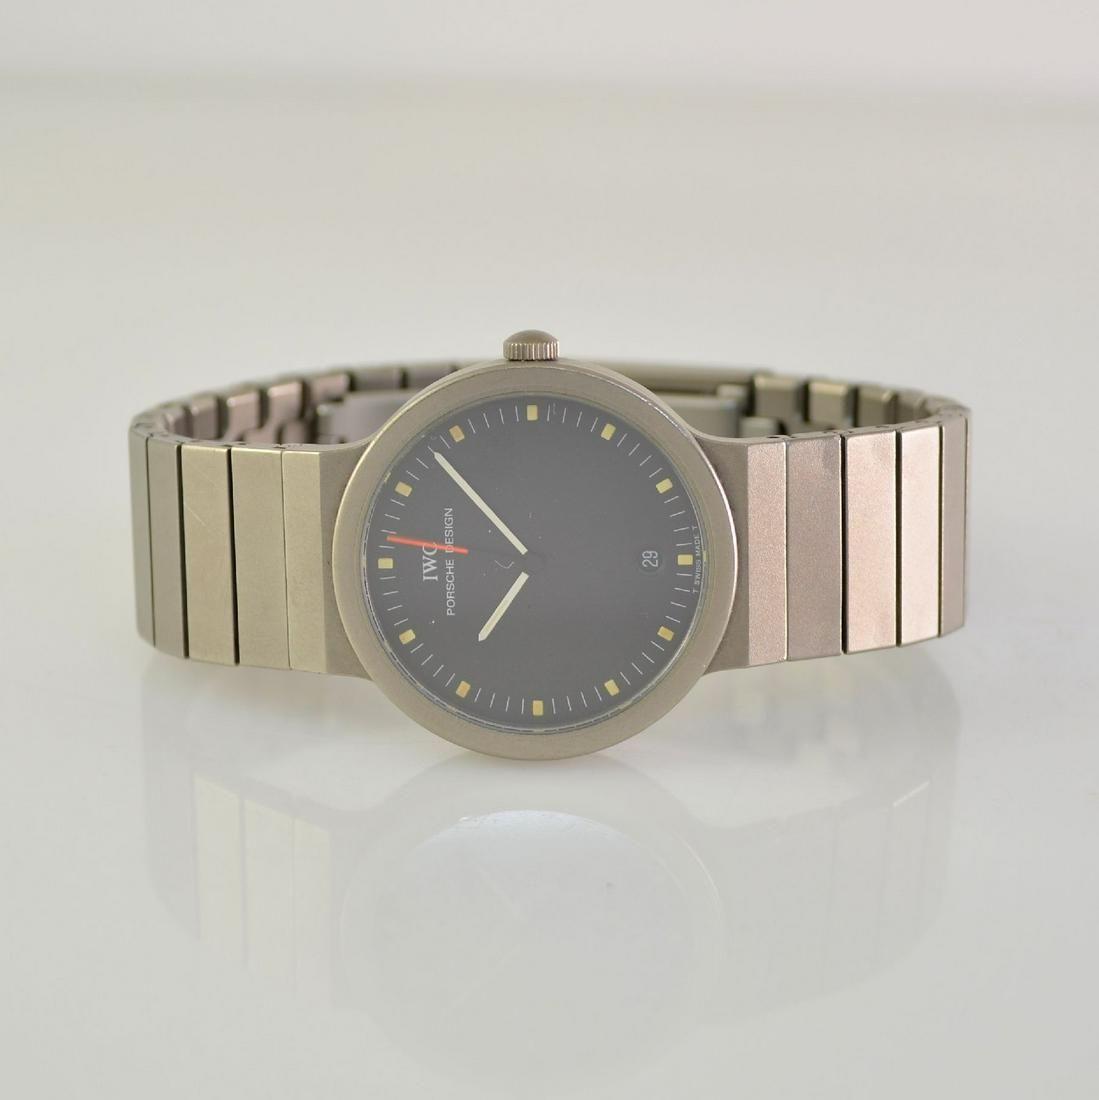 IWC Porsche Design wristwatch in titanium